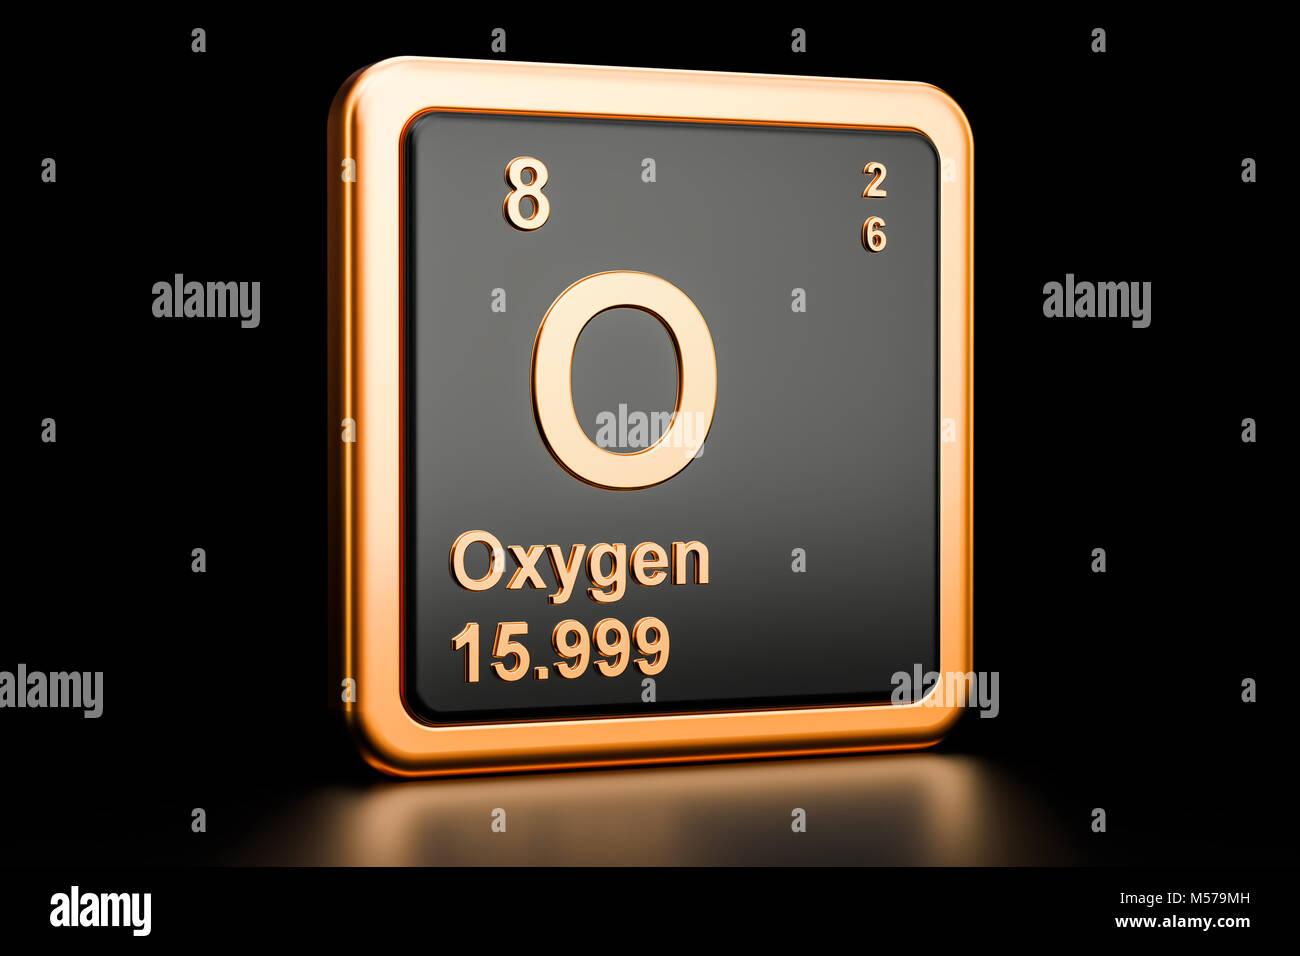 Atomic oxygen stock photos atomic oxygen stock images alamy oxygen o element isolated on black background stock image buycottarizona Choice Image